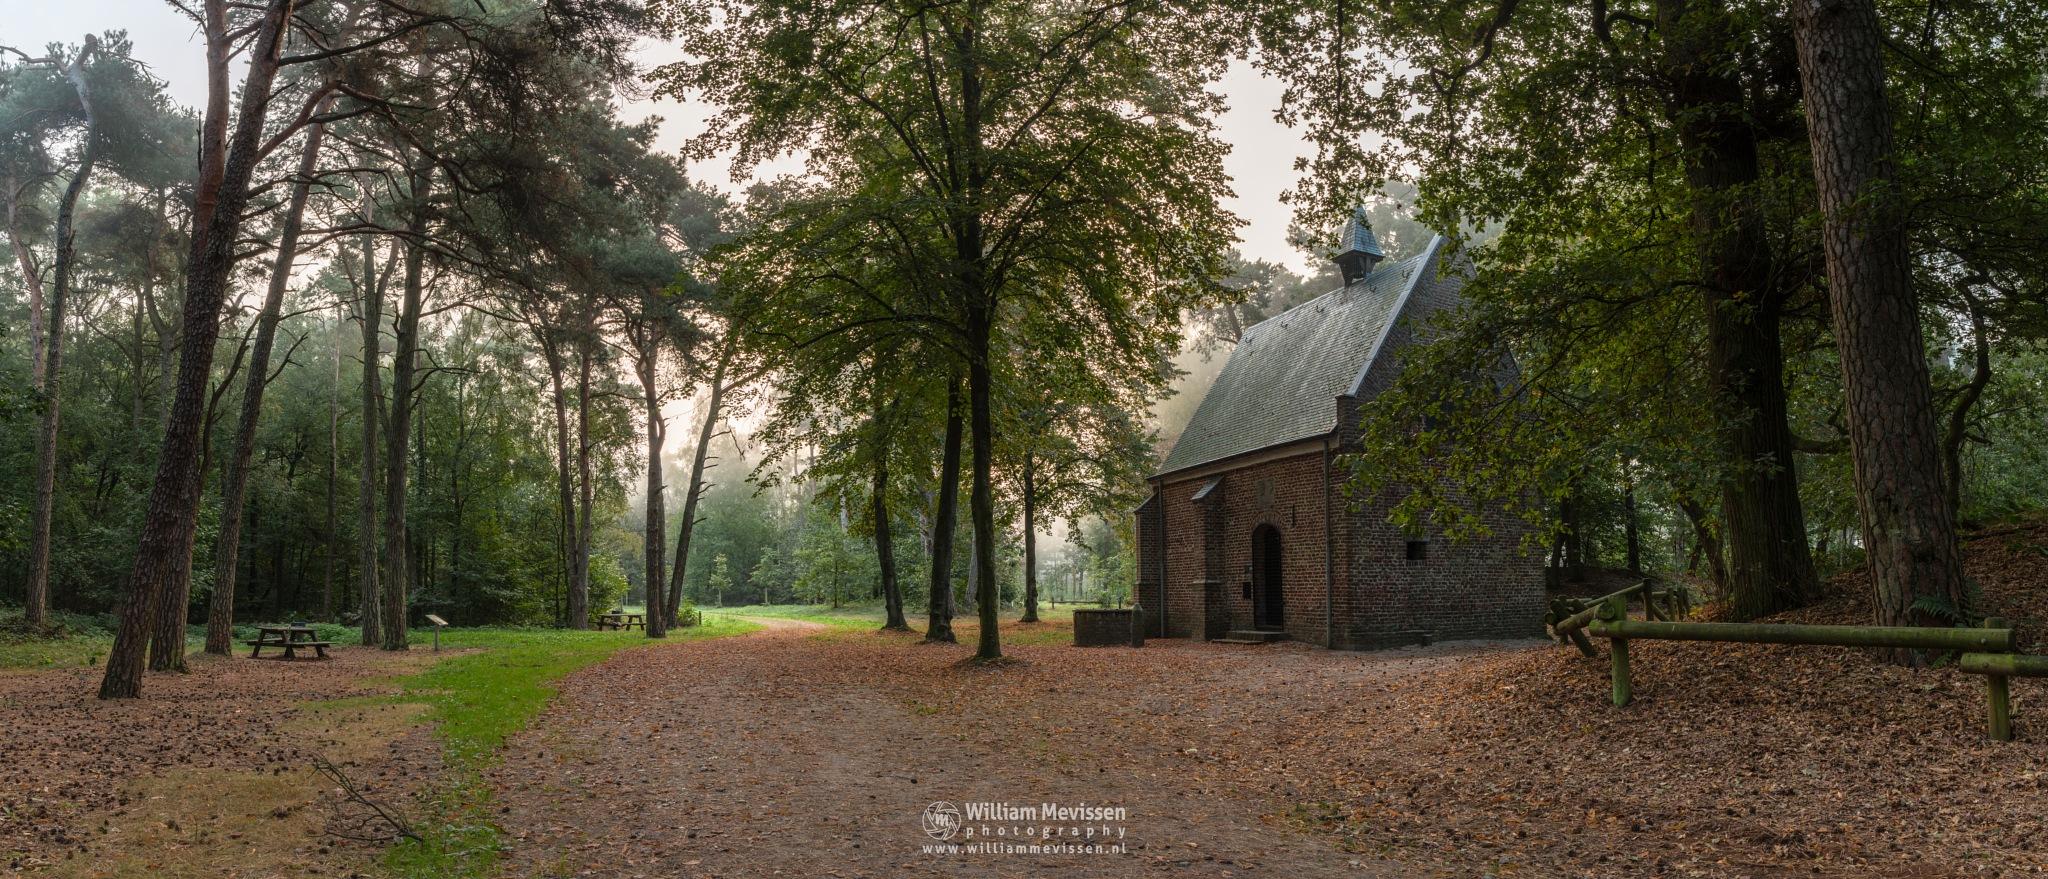 Panorama - Misty Morning Willibrorduskapel by William Mevissen